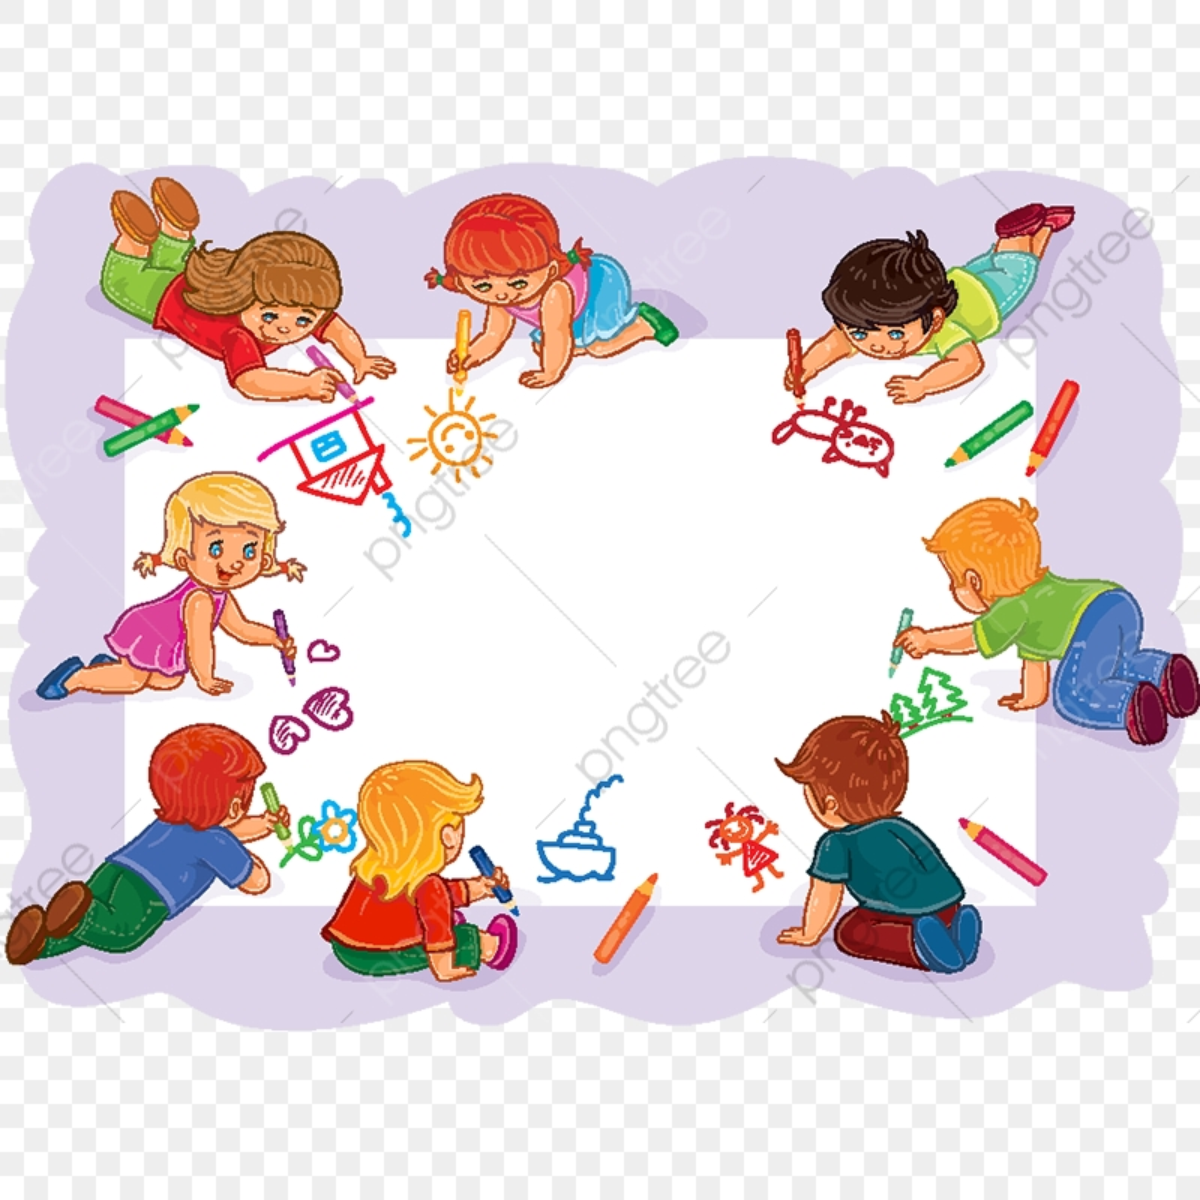 يرسم الأطفال السعداء مع ا على ورقة كبيرة أطفال المدارس المرسومة قليل طفل Png والمتجهات للتحميل مجانا